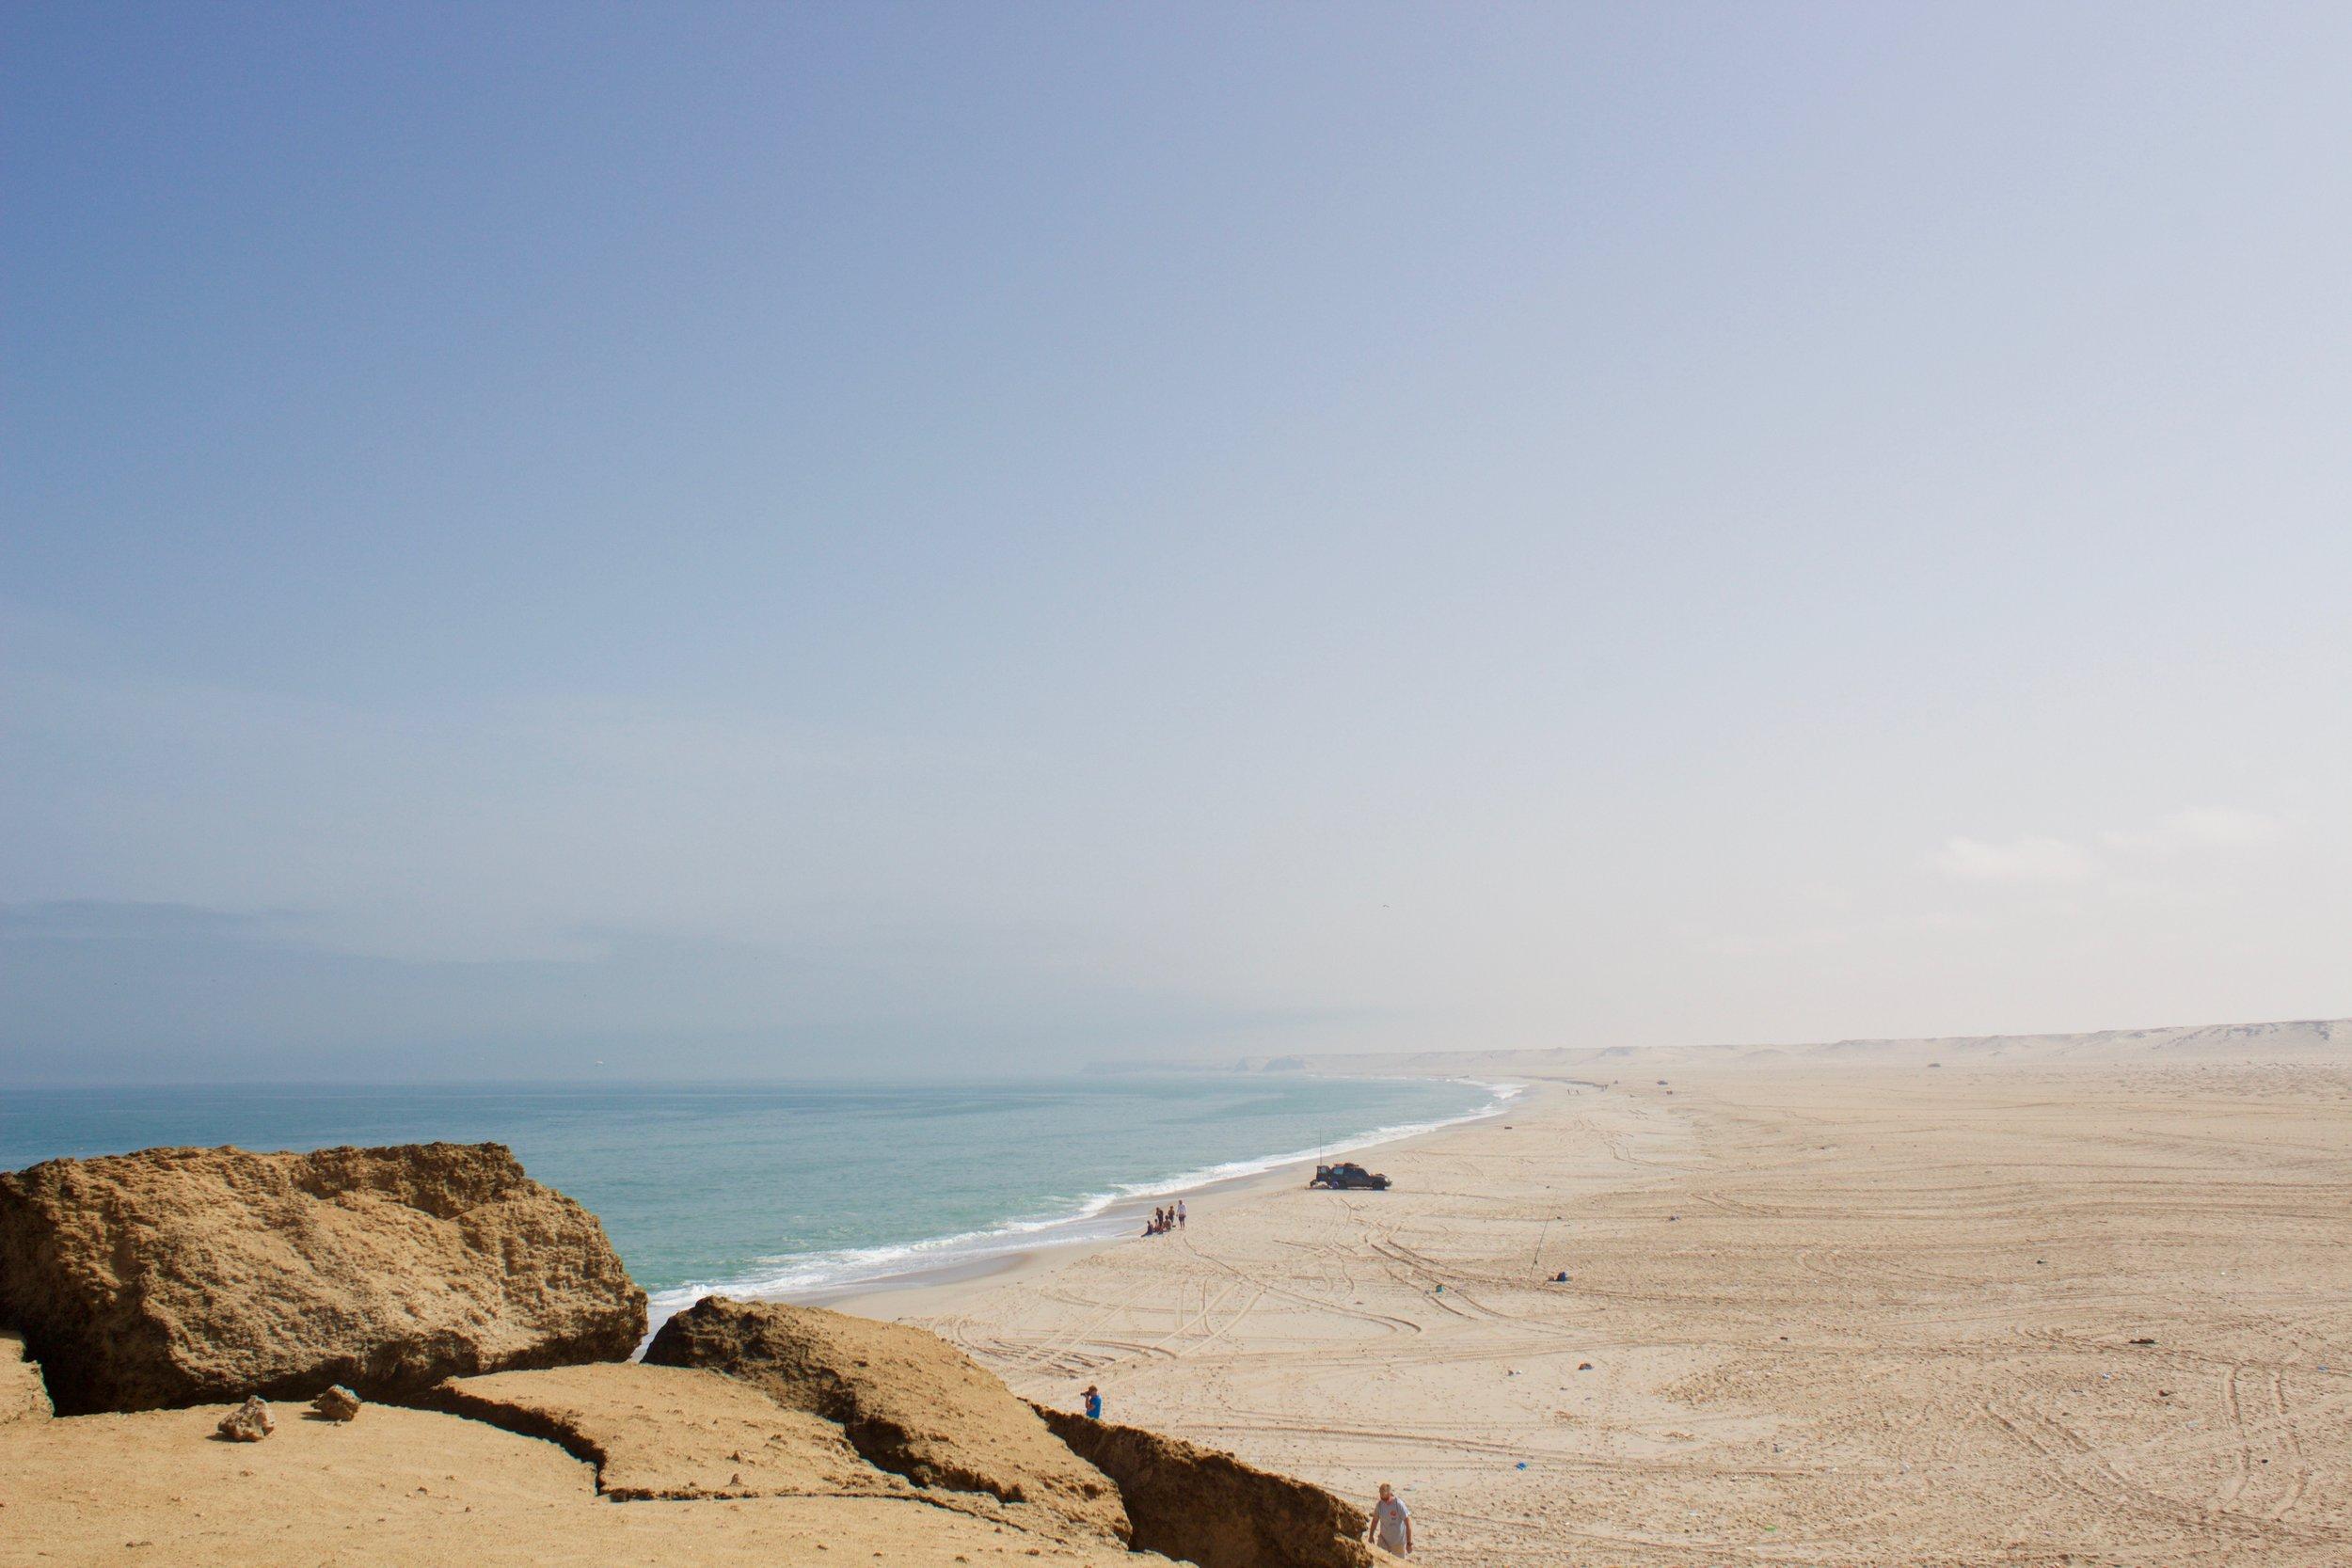 Dakhla ocean side | Kitesurf trips.jpg